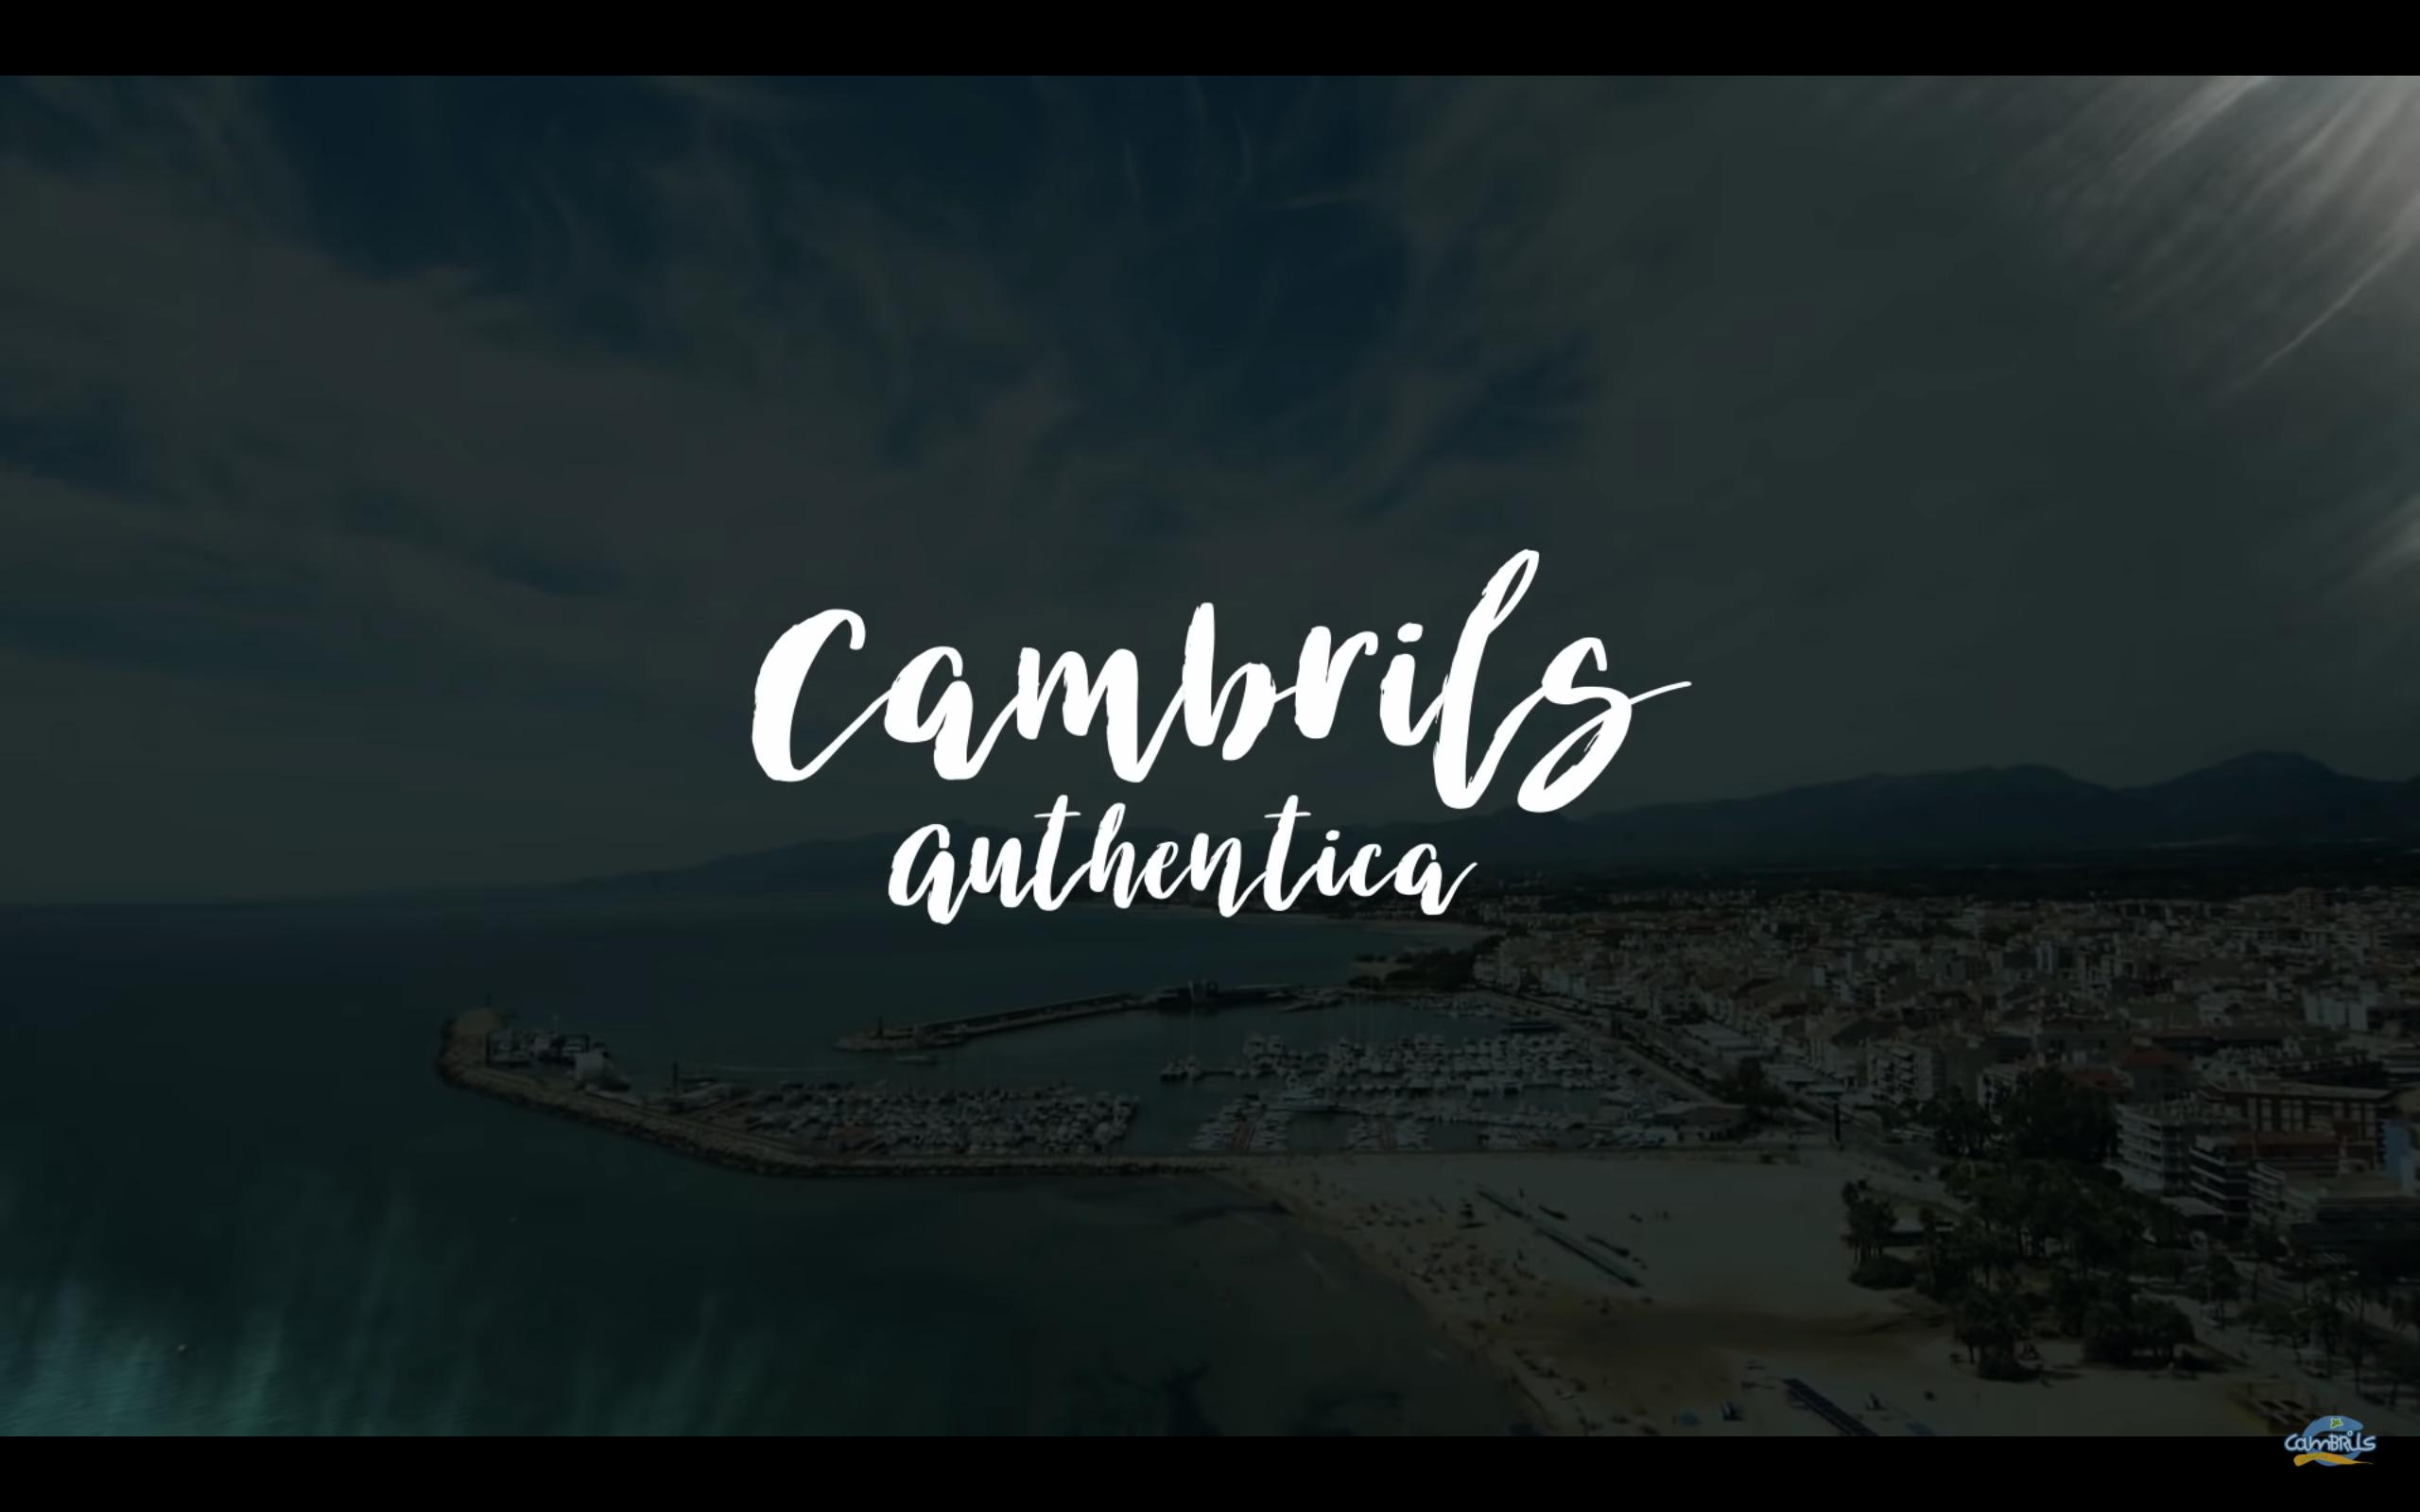 CambrisAuthentica